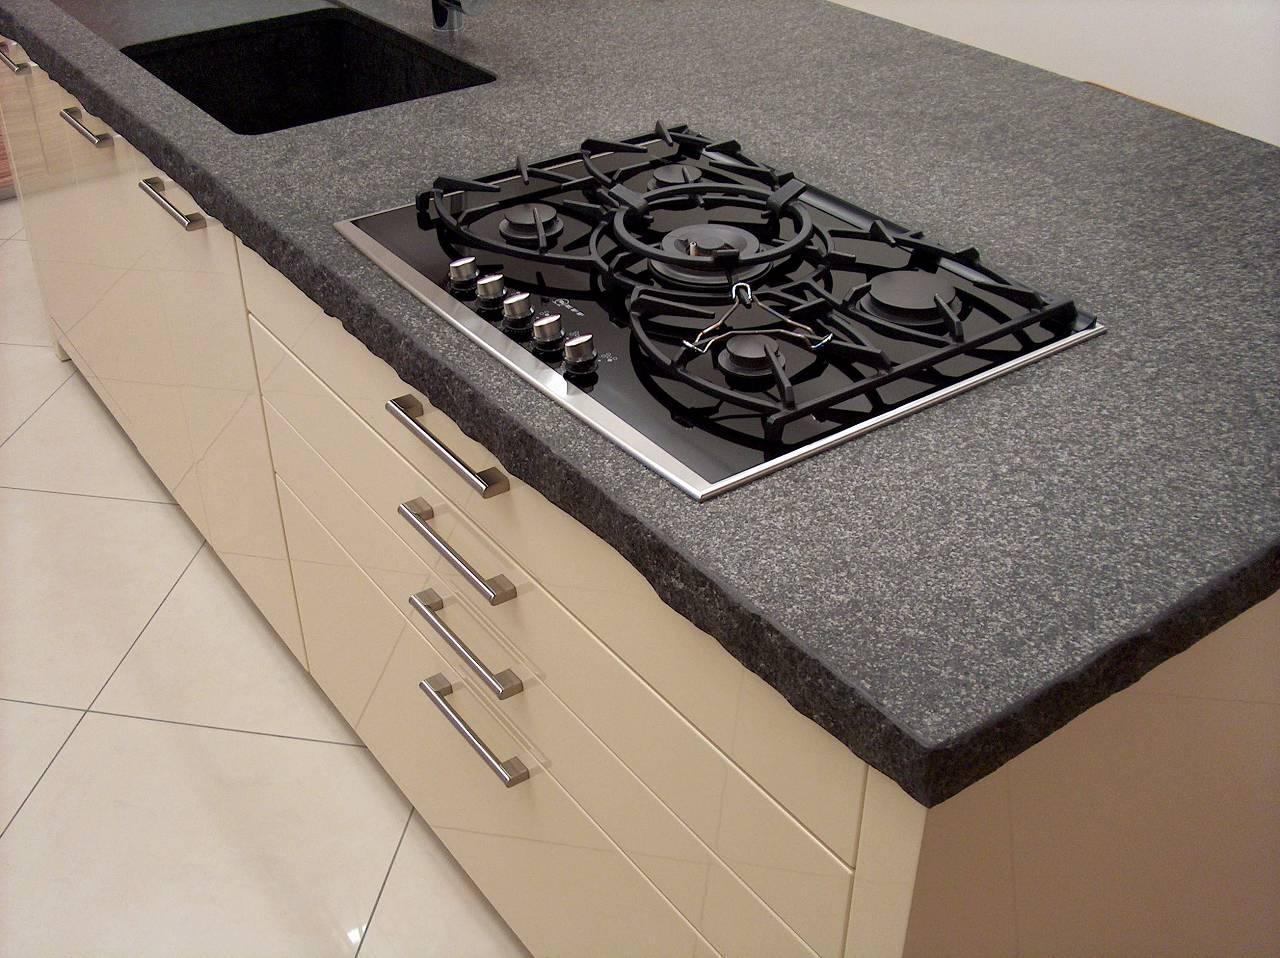 Alberto sozzi store manager and senior interior designer top in granito nero africa - Piano cucina in granito ...